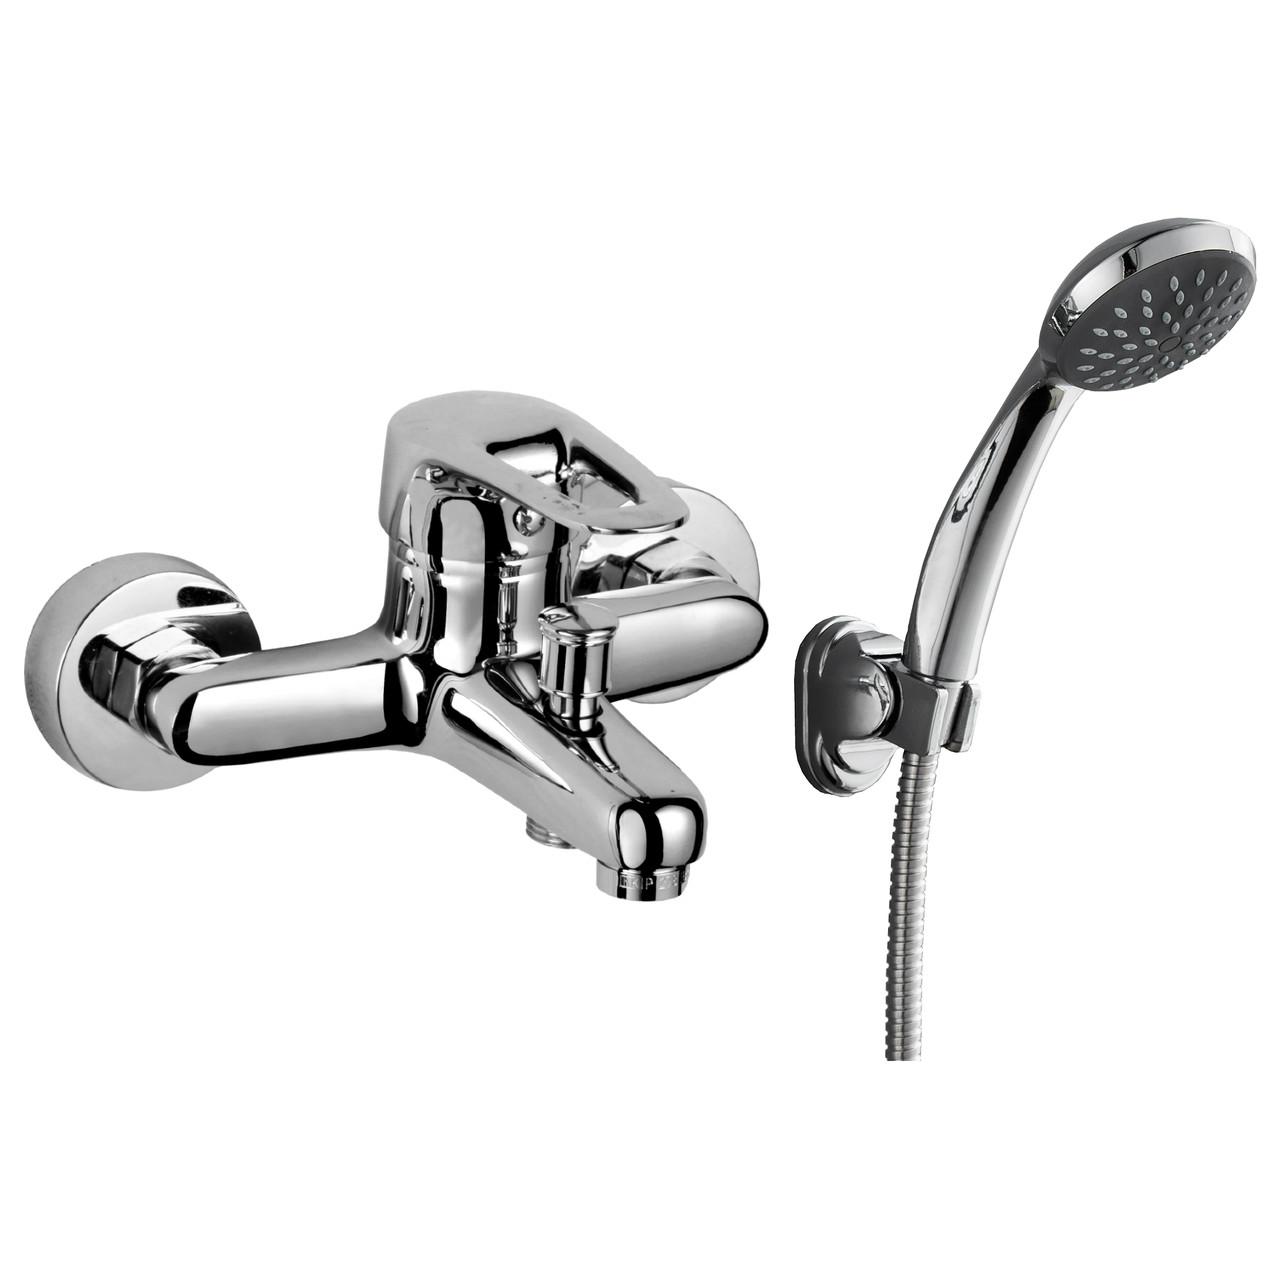 Cмеситель для ванны ROZZY JENORI Narciz